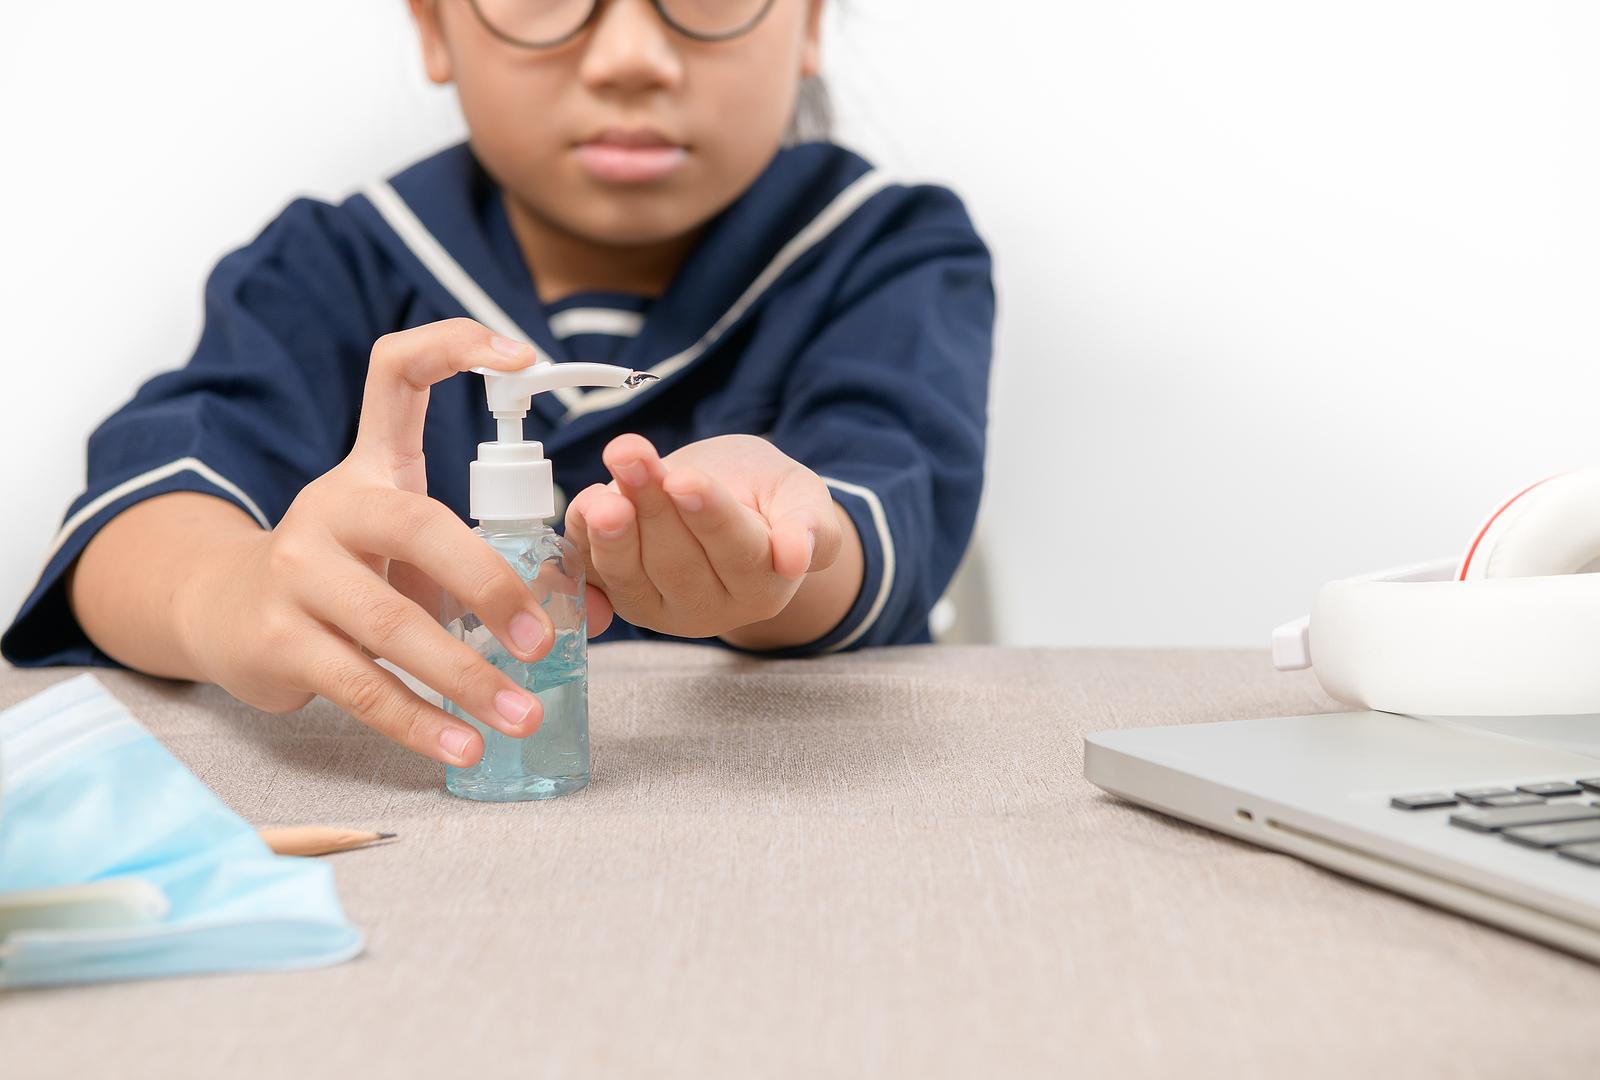 Asian Girl Using Wash Hand Sanitizer Gel Pump Dispenser, Washing